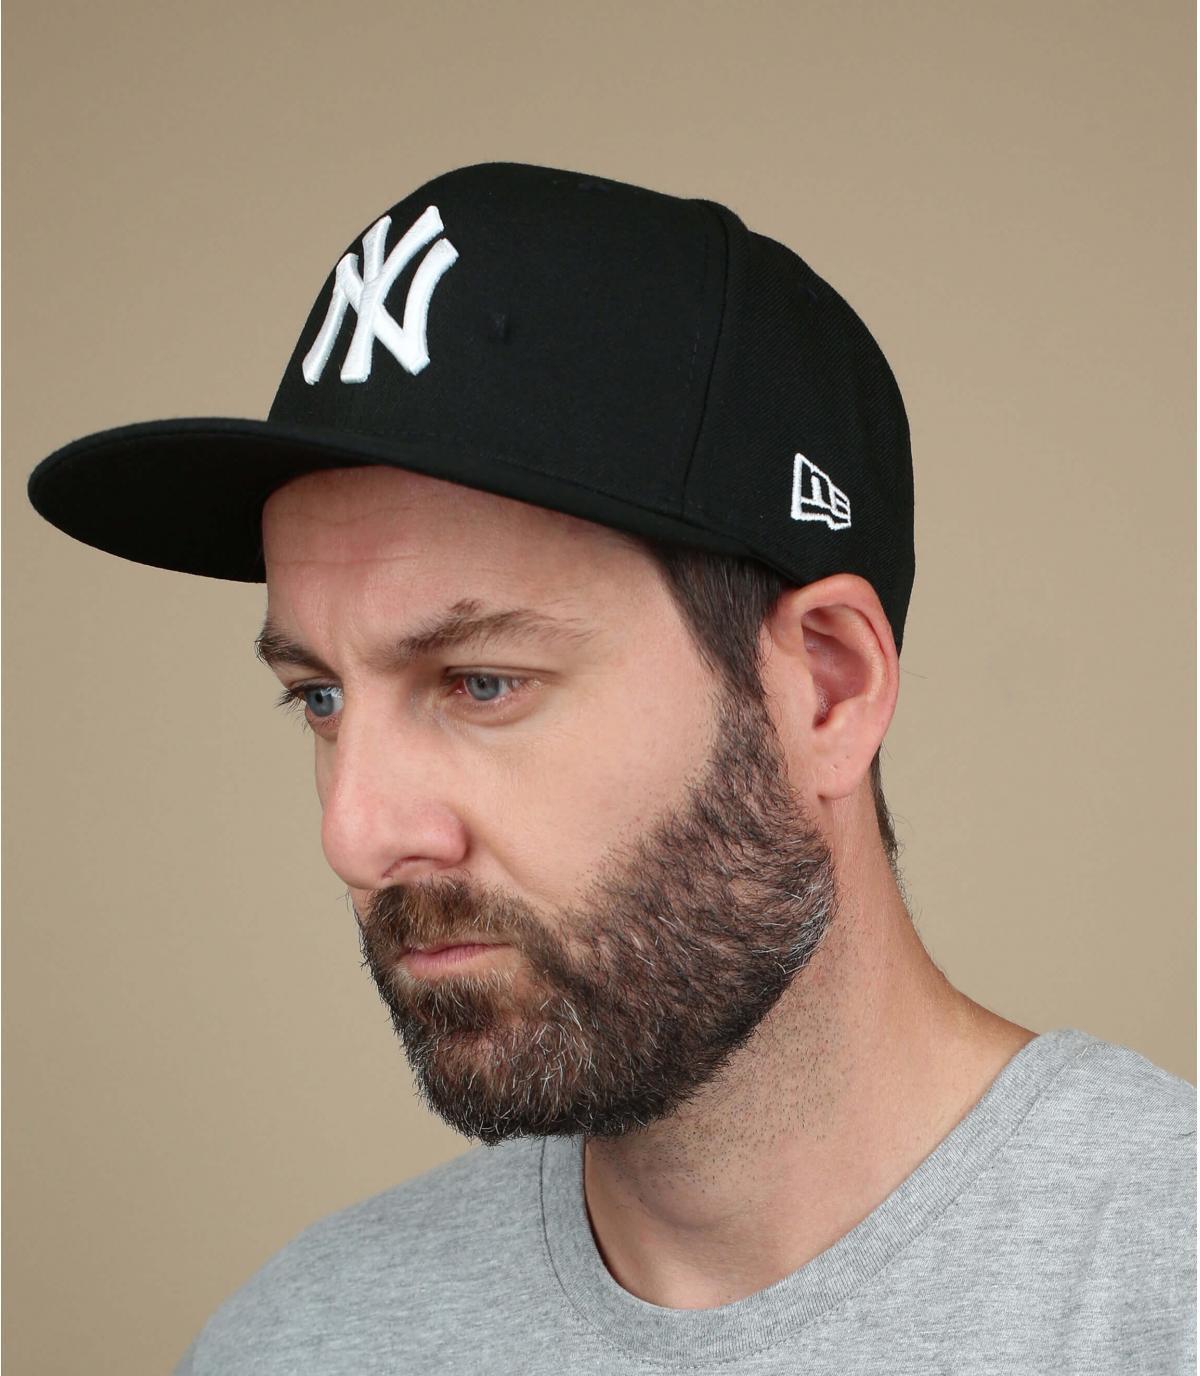 Caps New York schwarz und weiss.